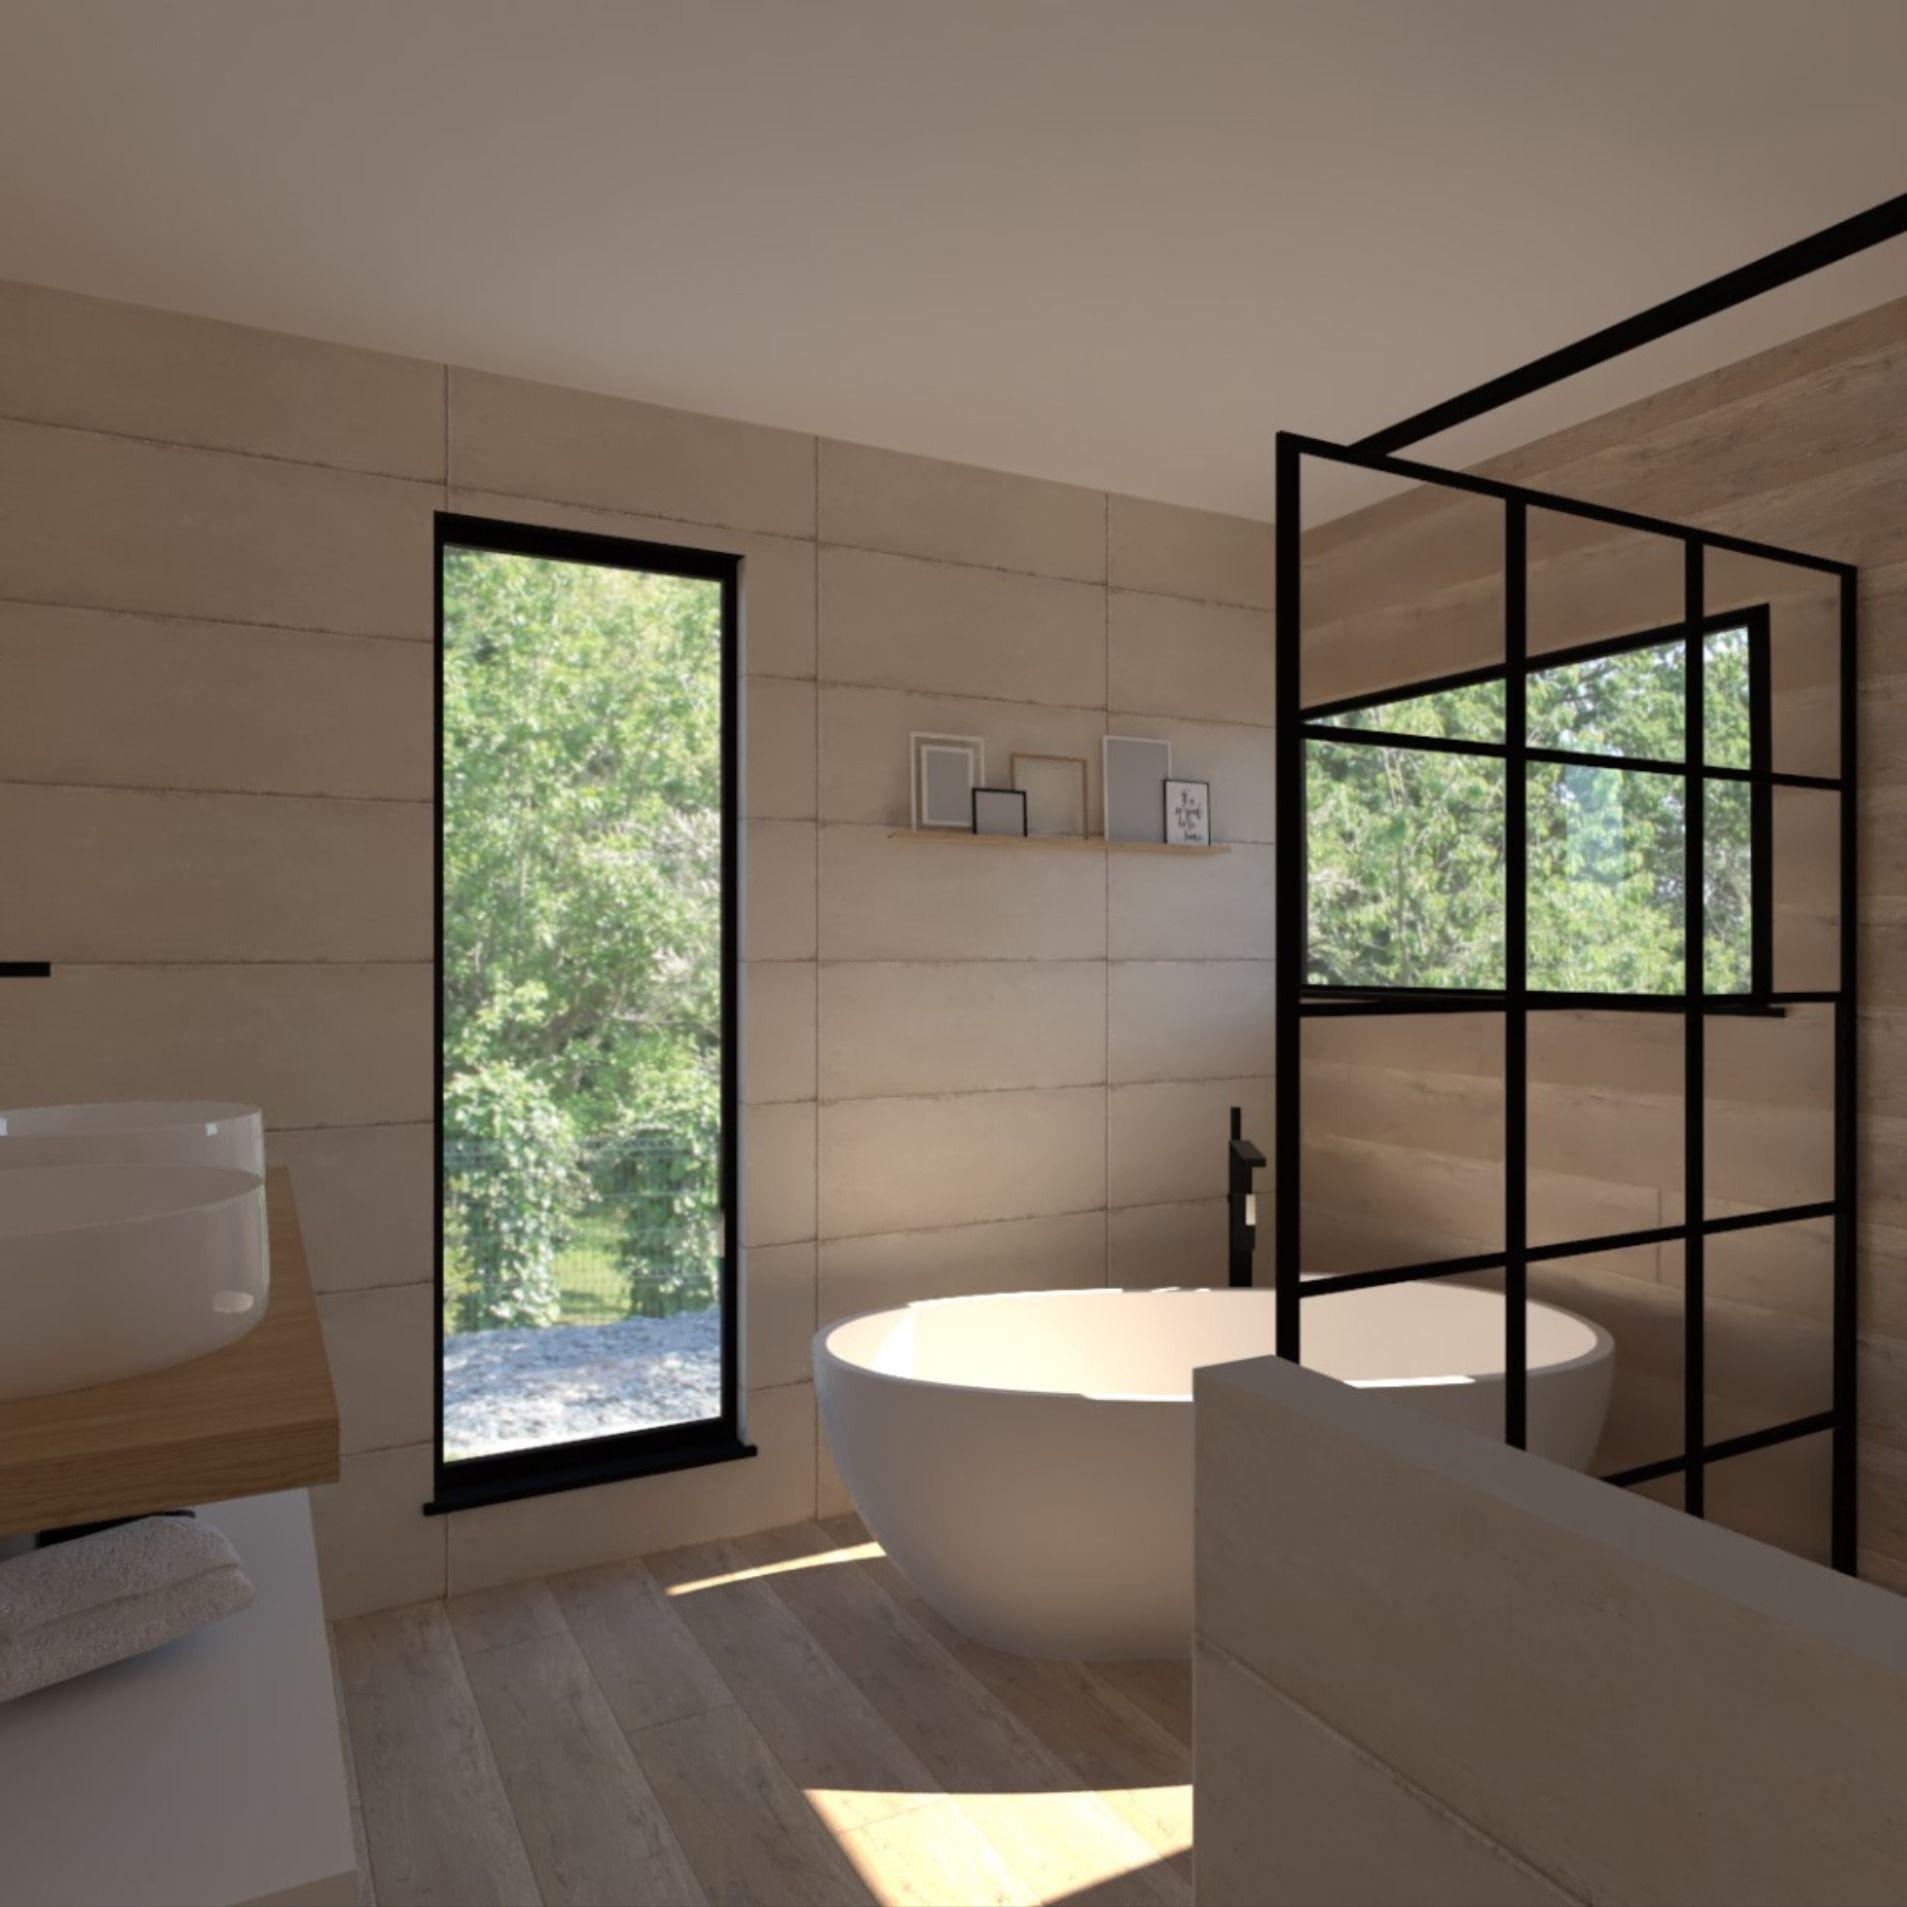 Inspiring Nouvelle Salle De Bain Moderne